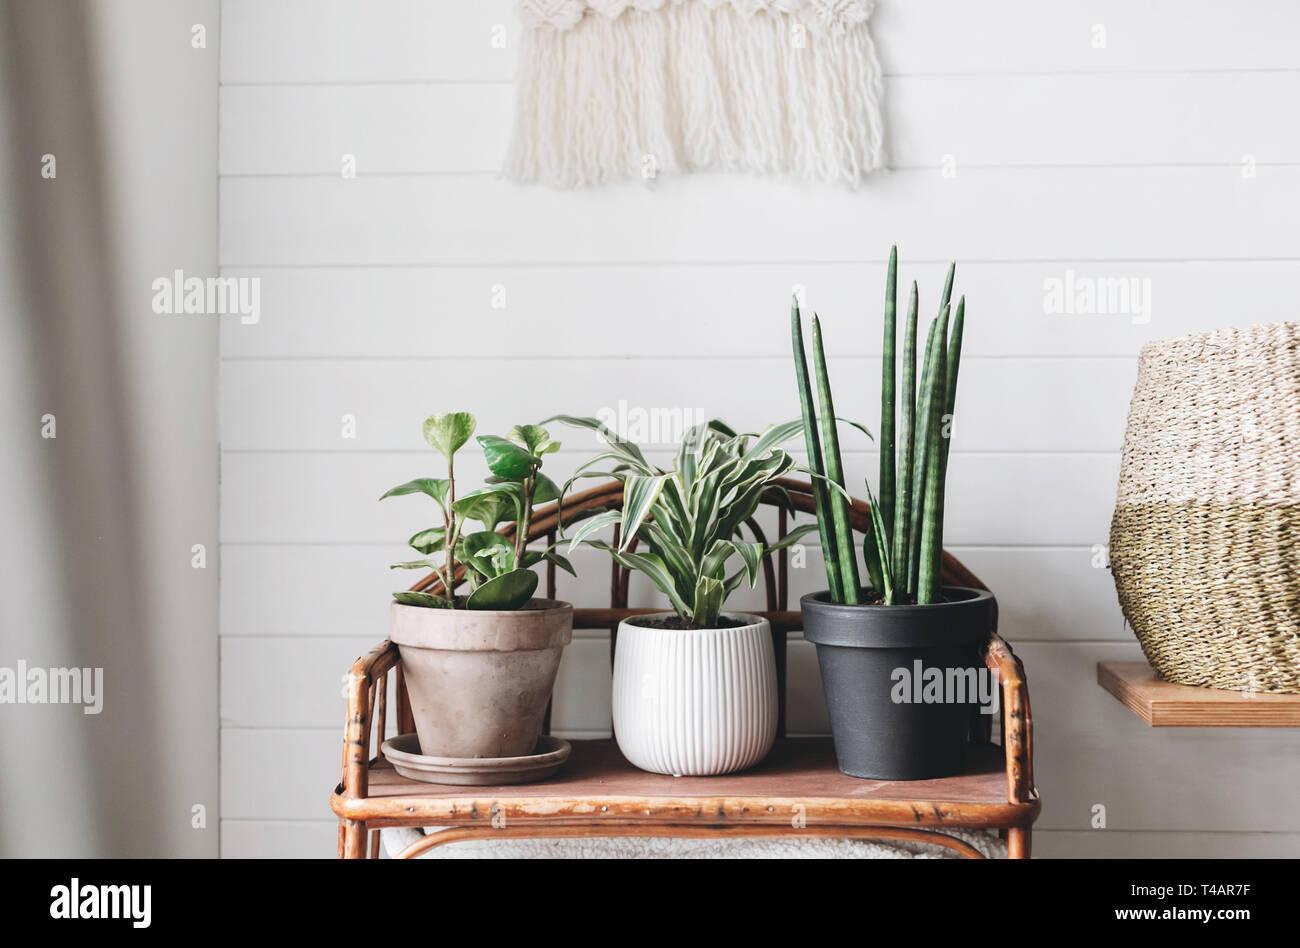 Les plantes vertes en pots élégants en bois sur fond de stand vintage sur mur rustique blanc avec broderie pendaison. Peperomia, sansevieria, plan dracaena Banque D'Images